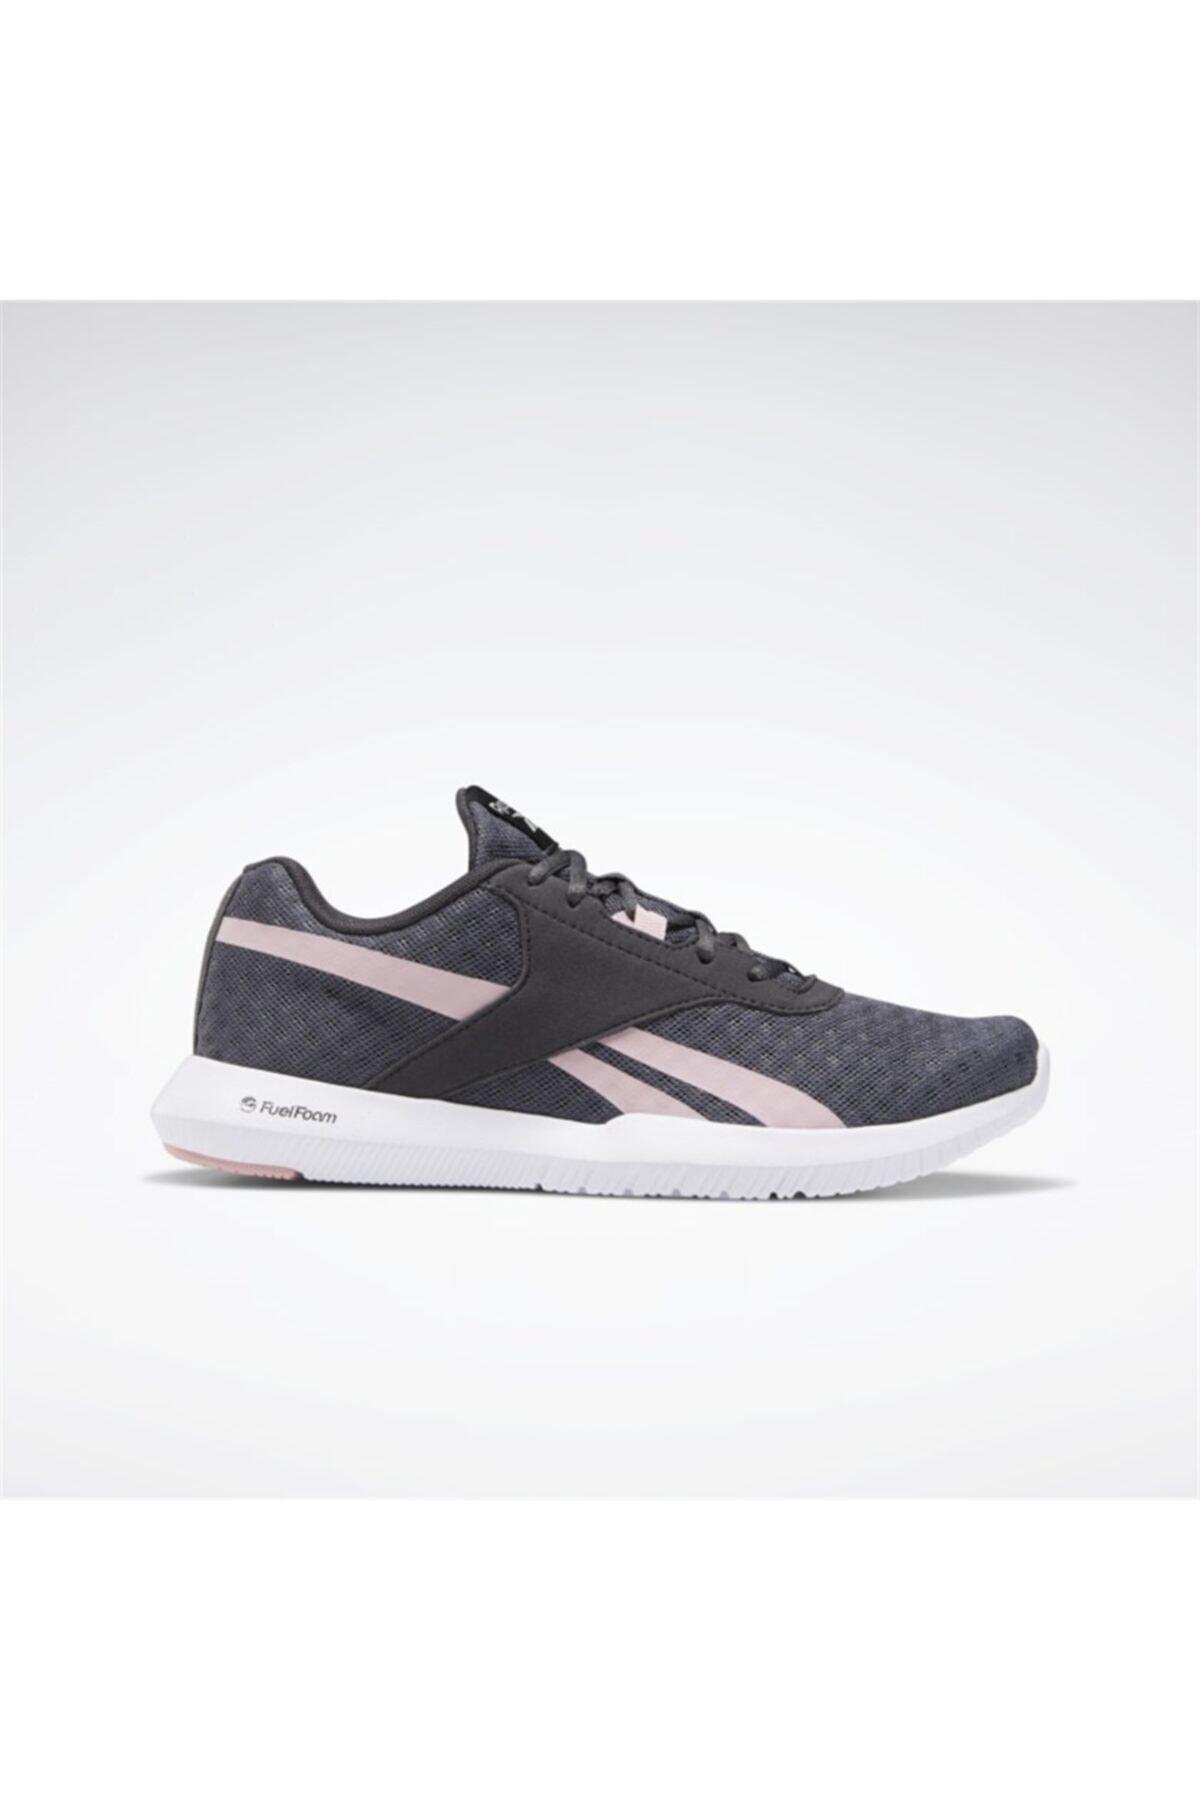 Reago Essential Kadın Spor Ayakkabısı